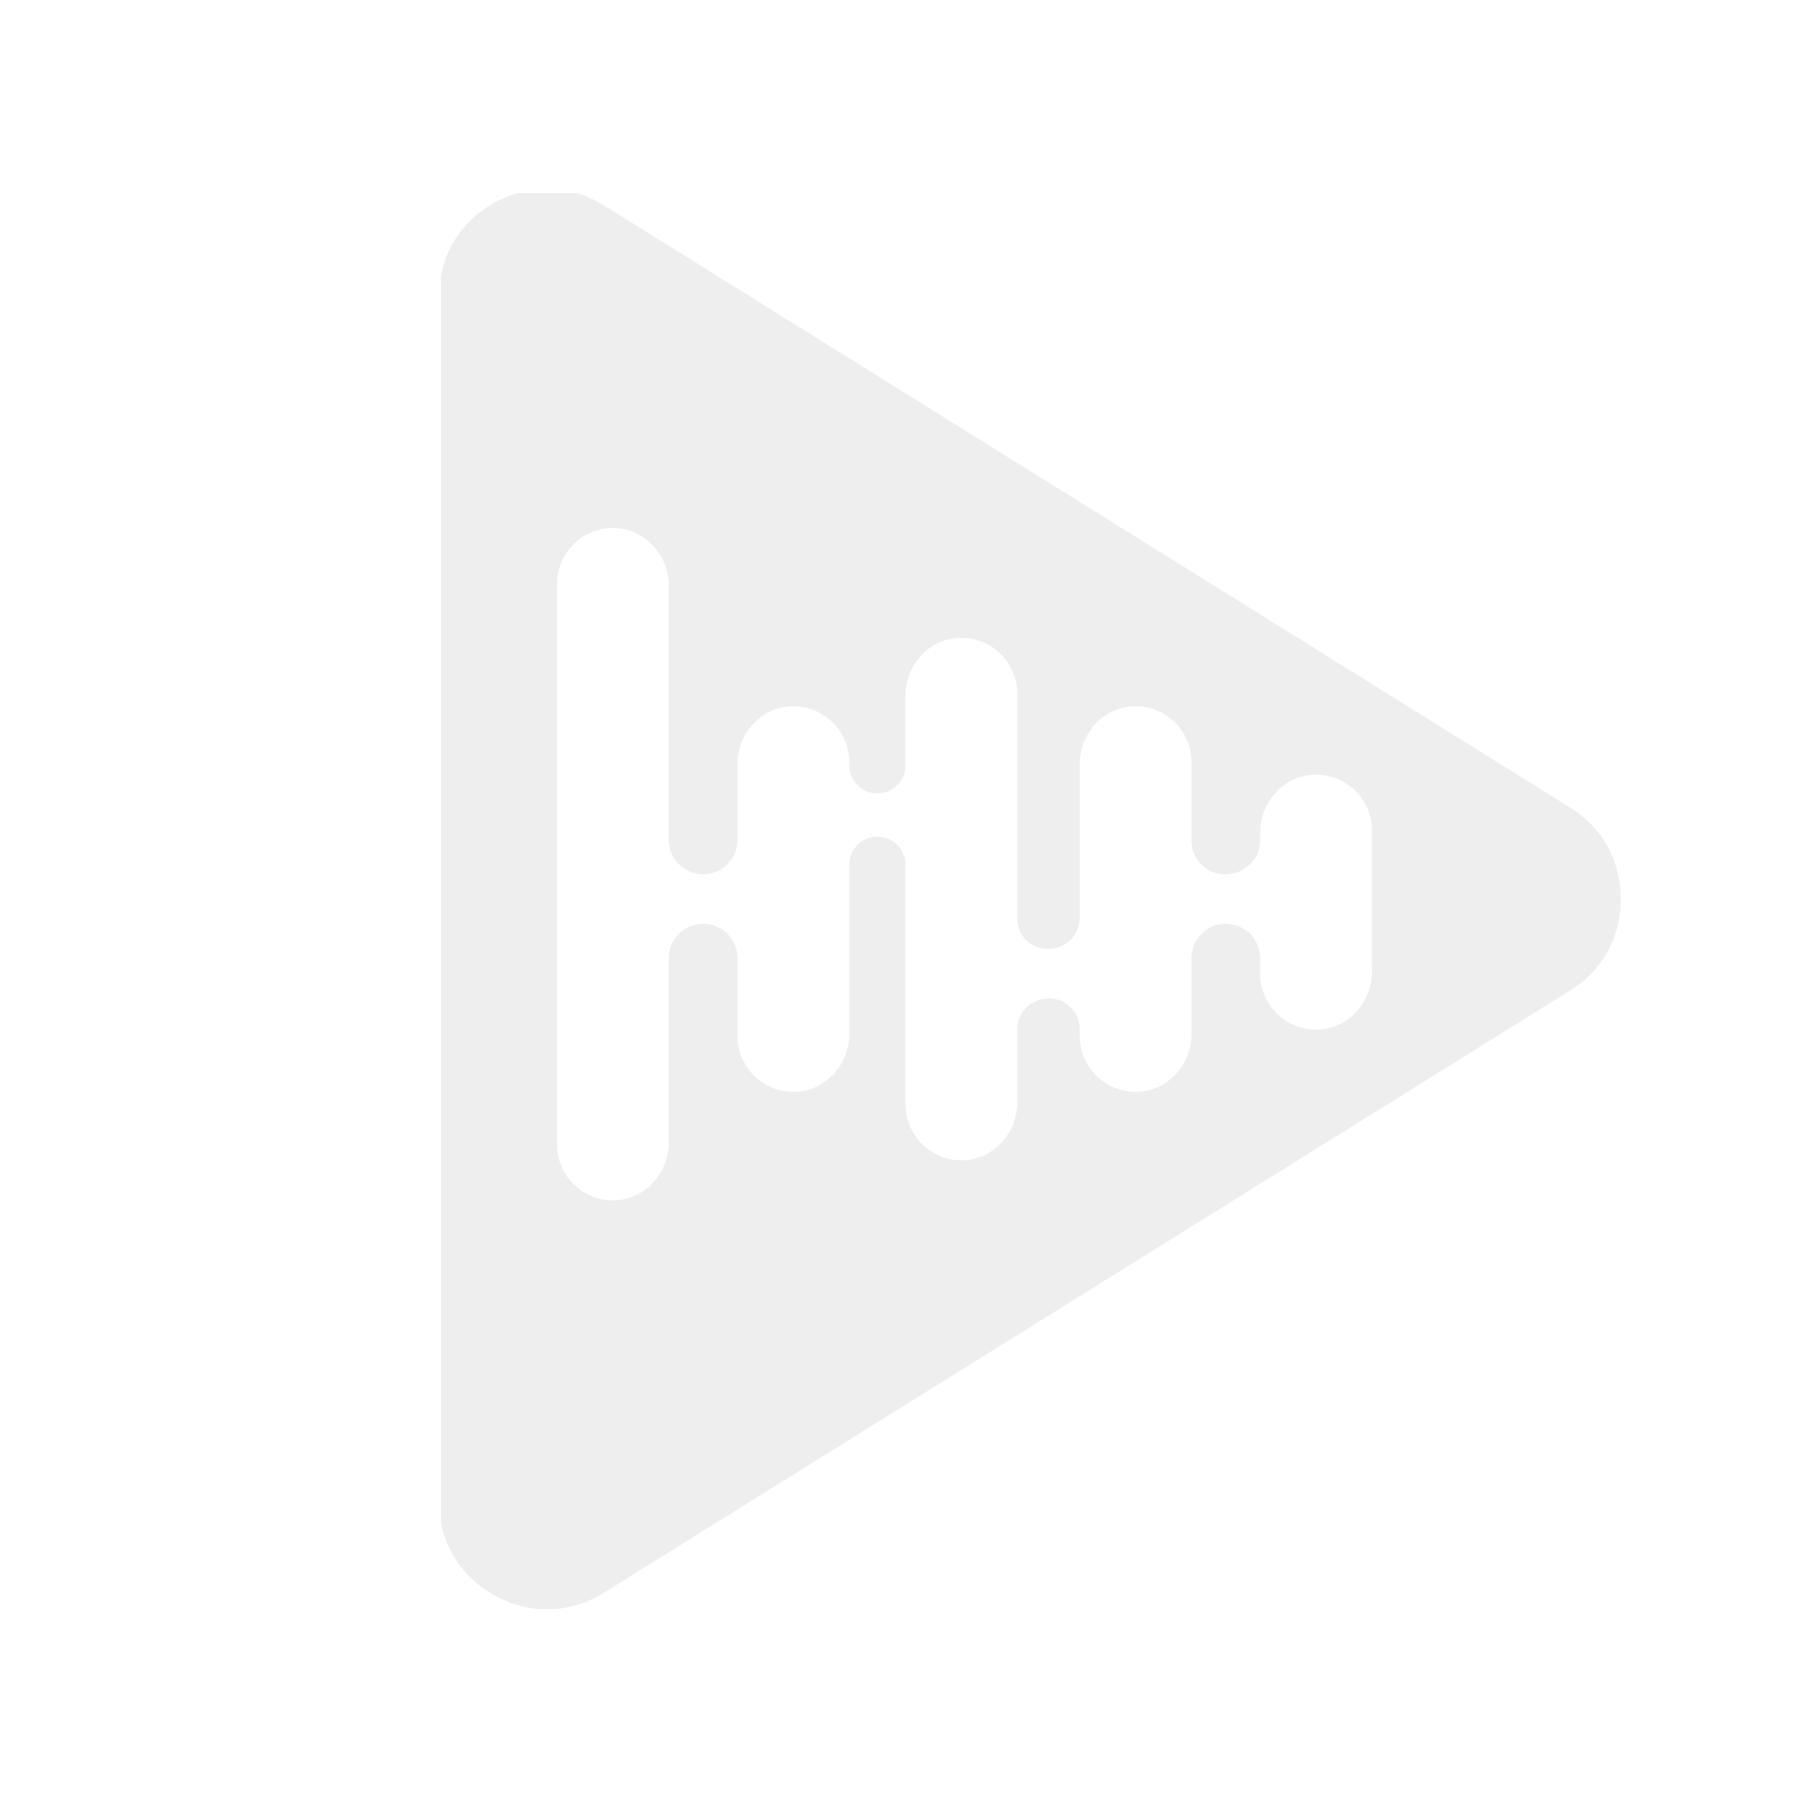 Audison OP 4.5